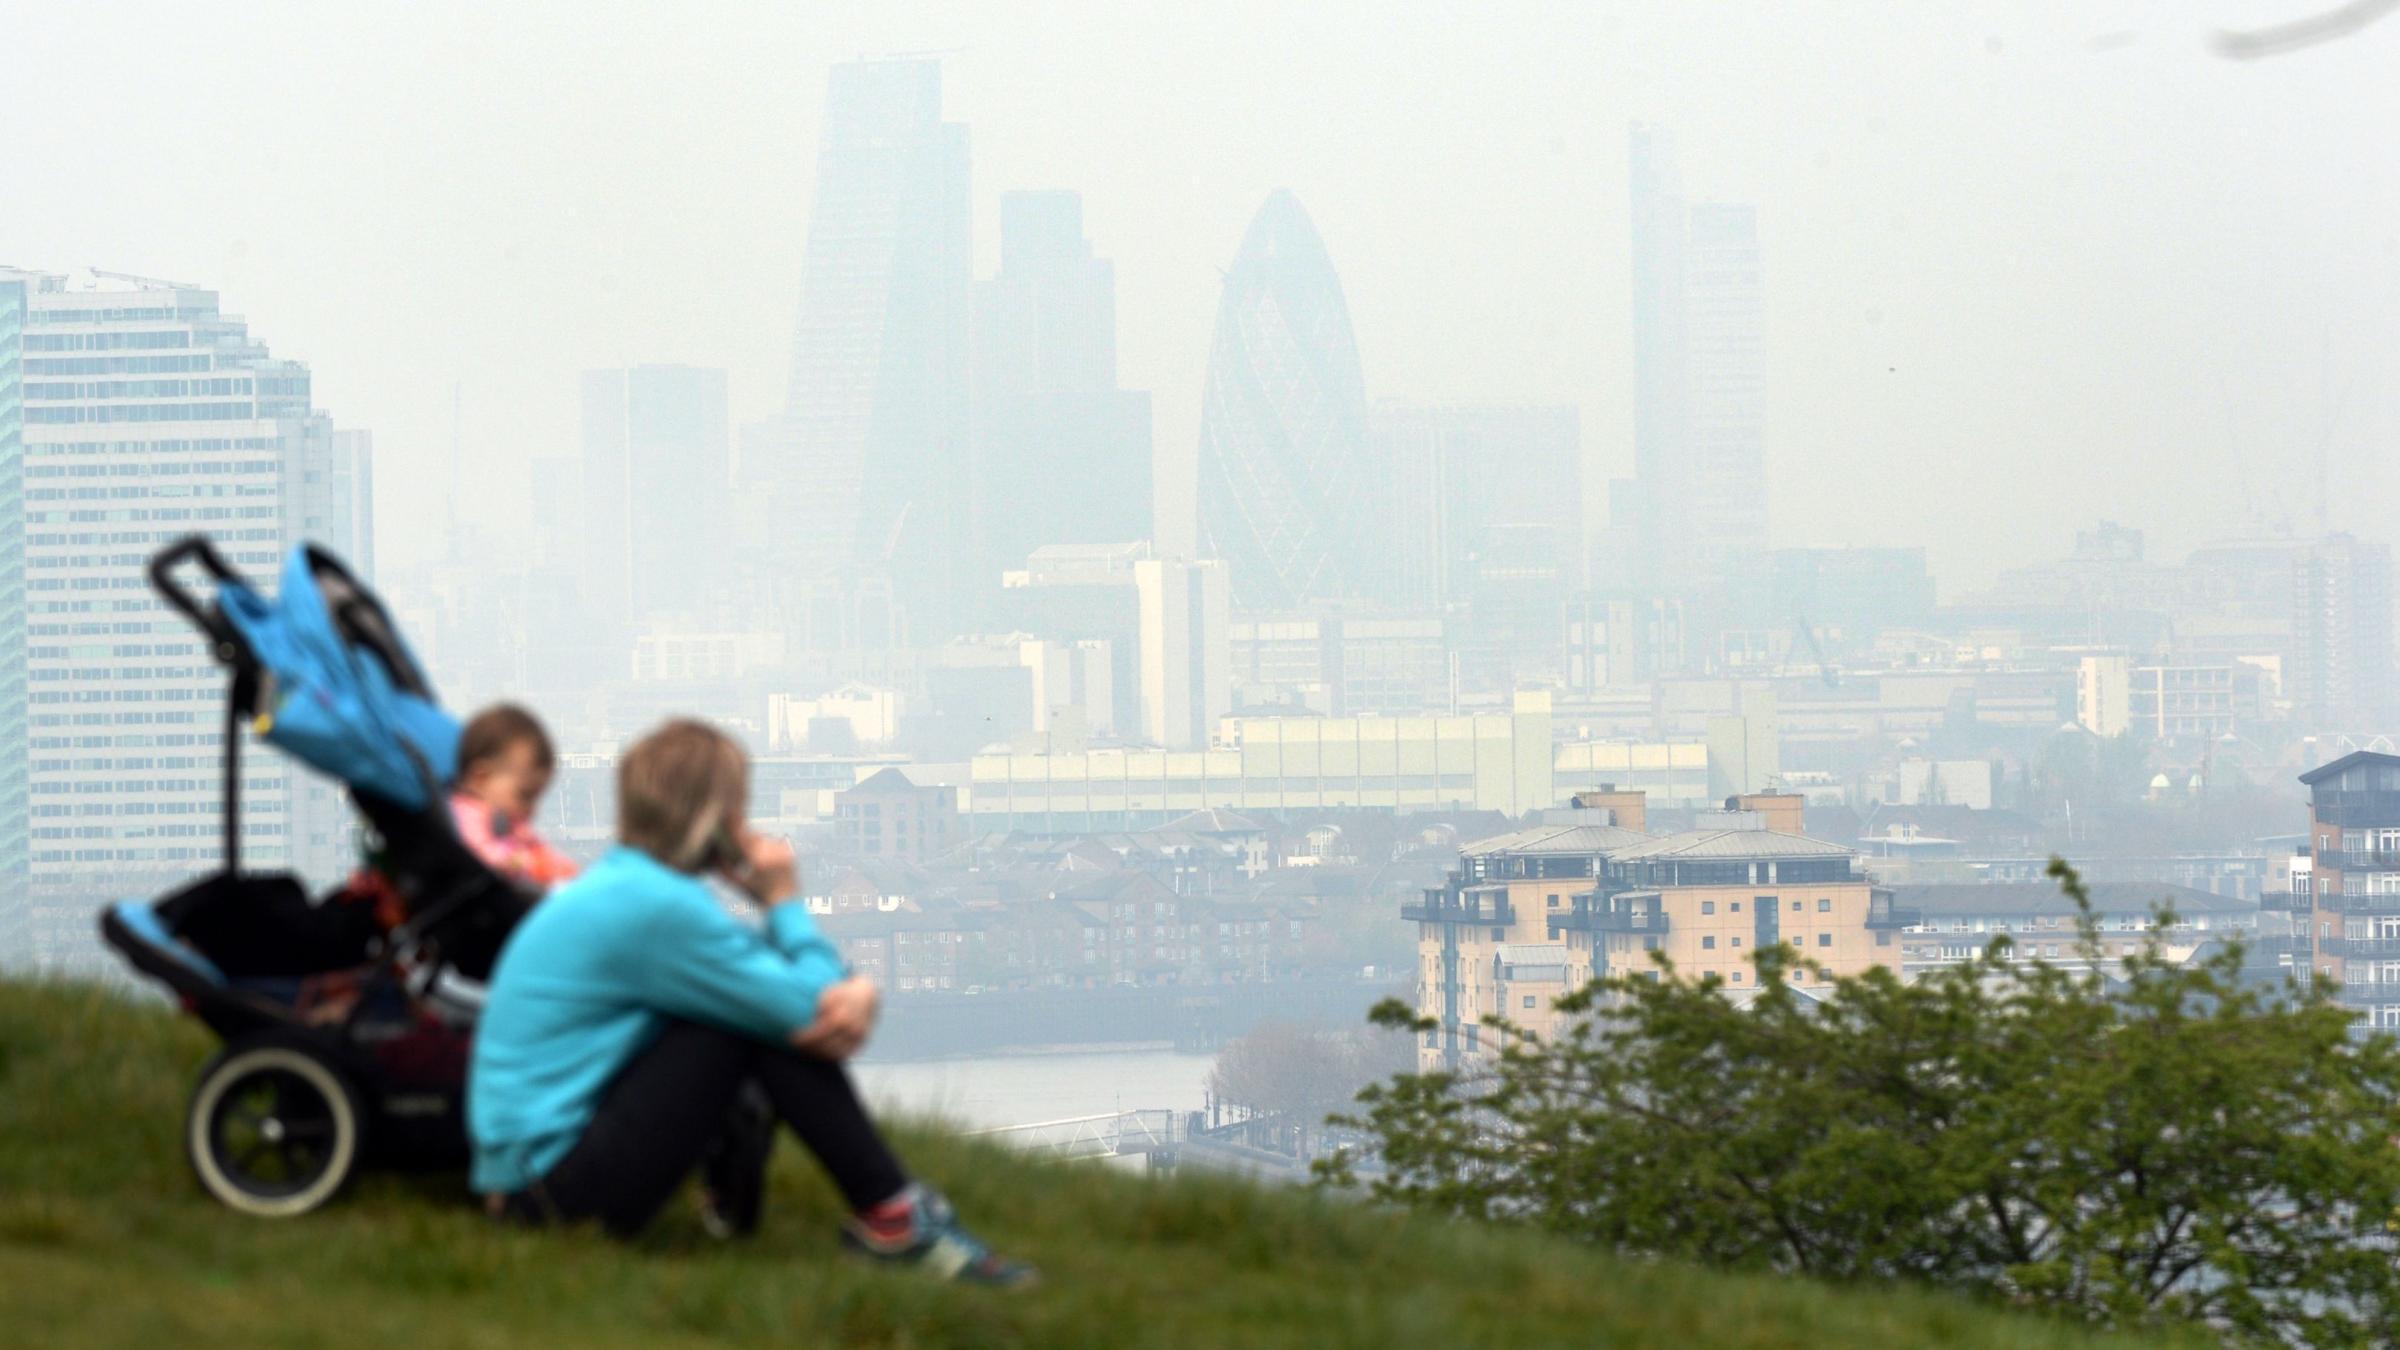 Грязный воздух может вызывать аутизм?